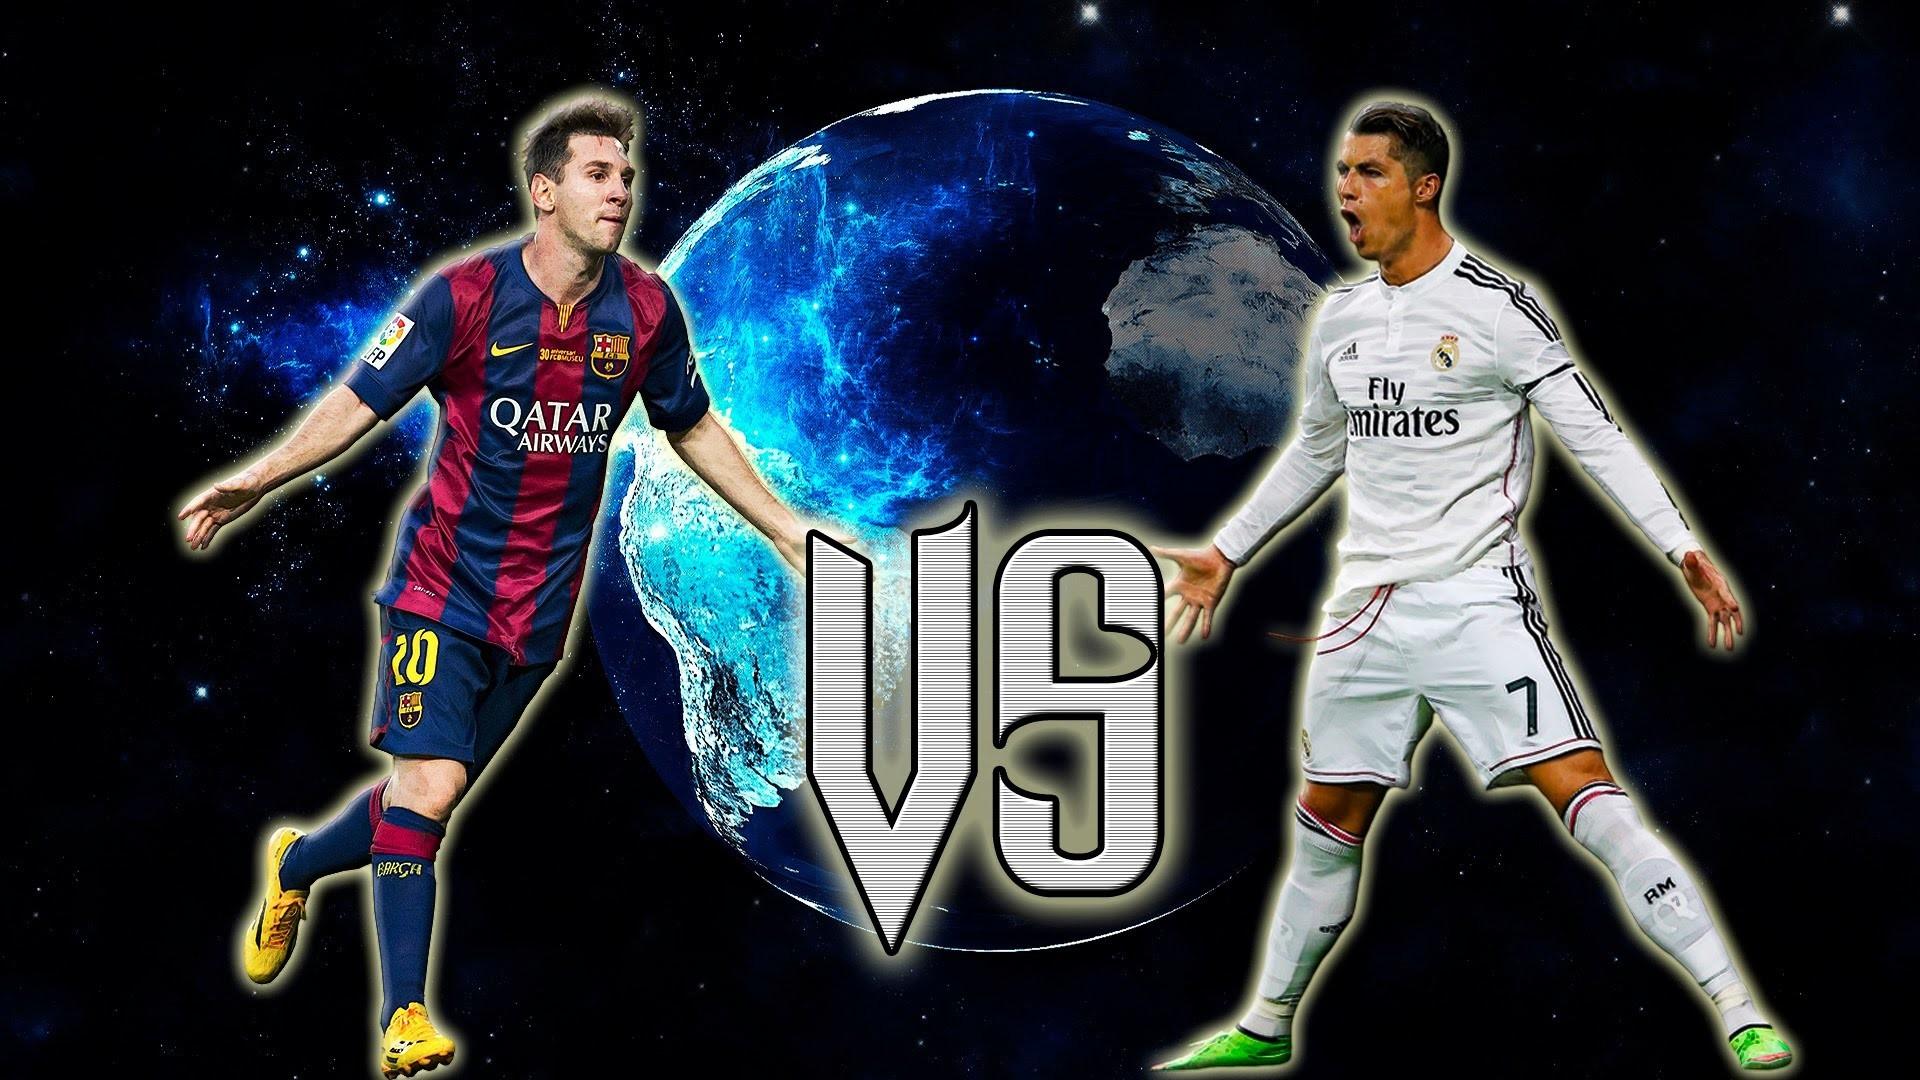 1920x1080 Cristiano Ronaldo Vs Lionel Messi 2017 Wallpapers 7